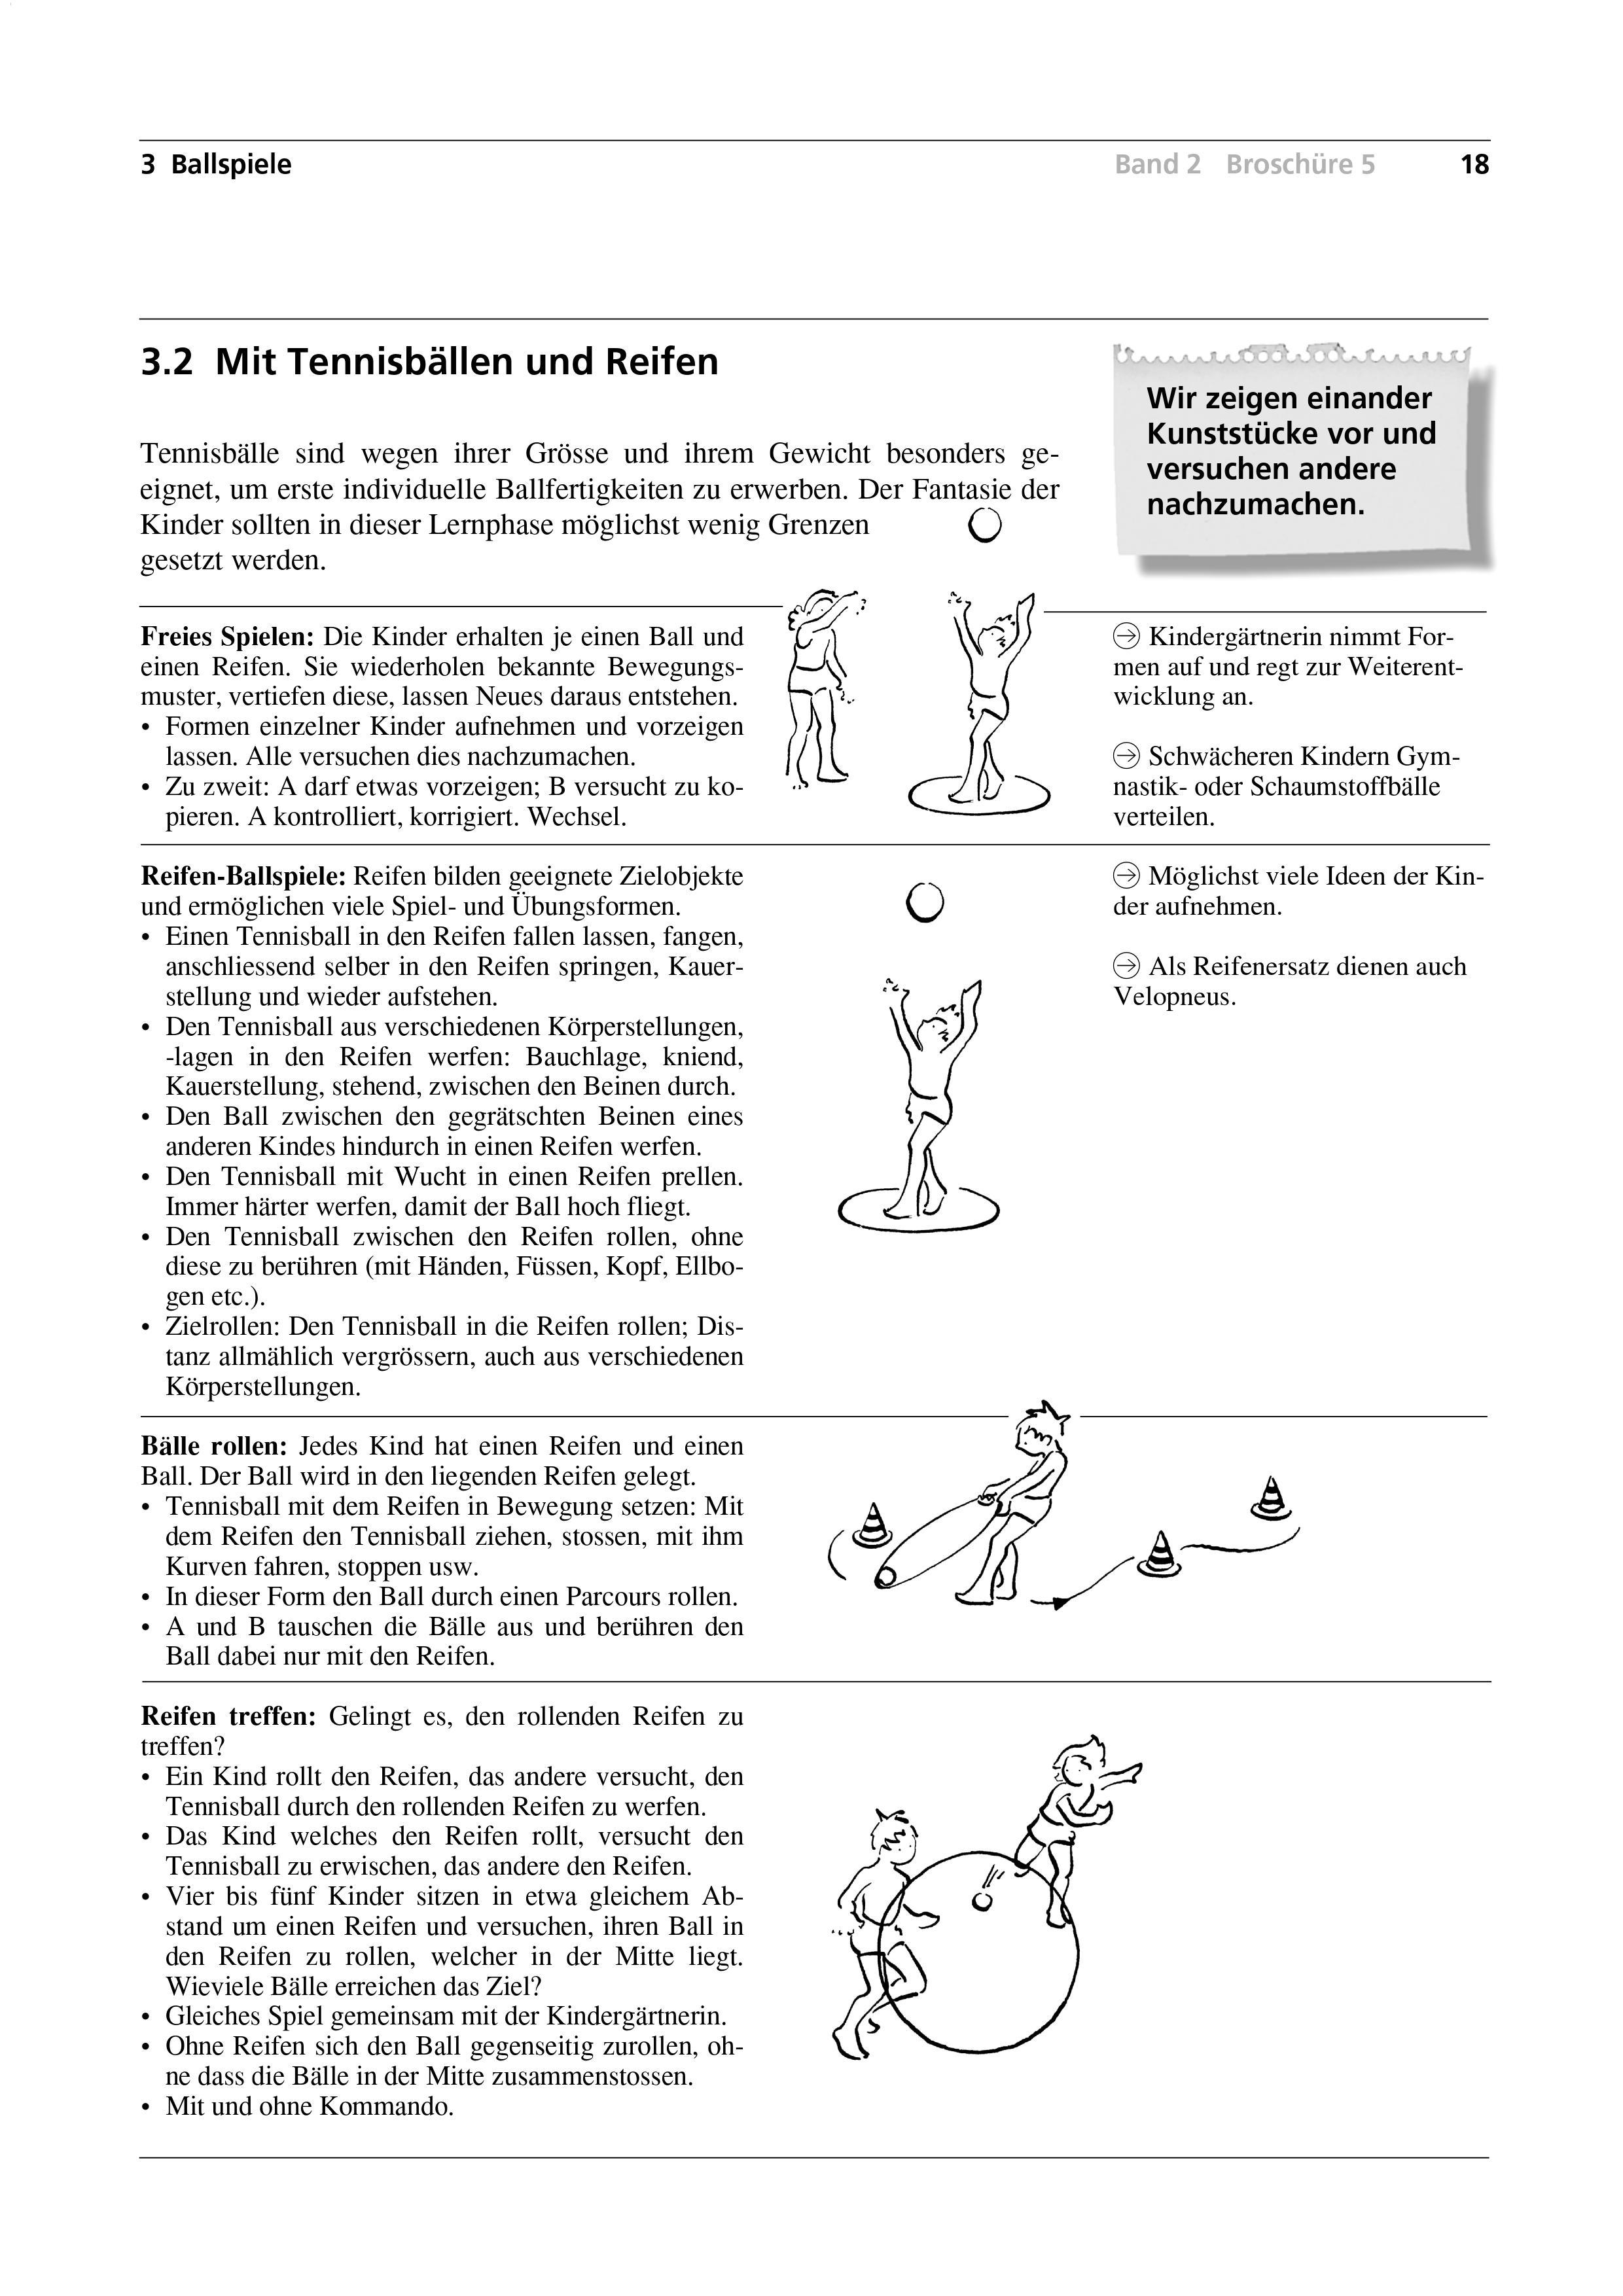 Preview image for LOM object Mit Tennisbällen und Reifen